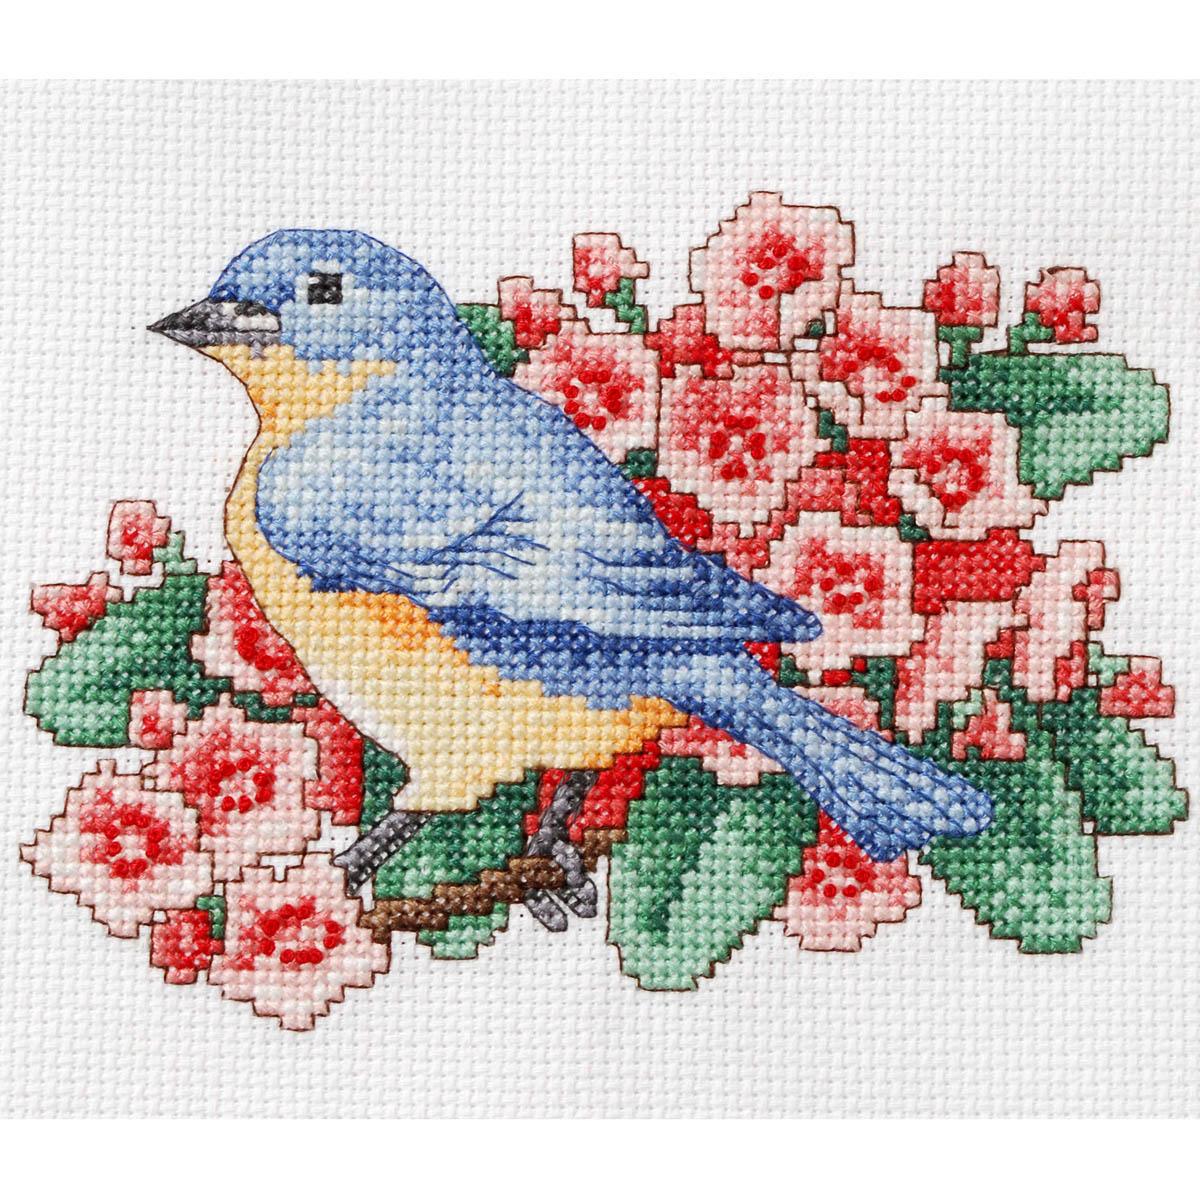 Bucilla ® Counted Cross Stitch - Picture Kits - Mini - Blue Bird - WM46265E